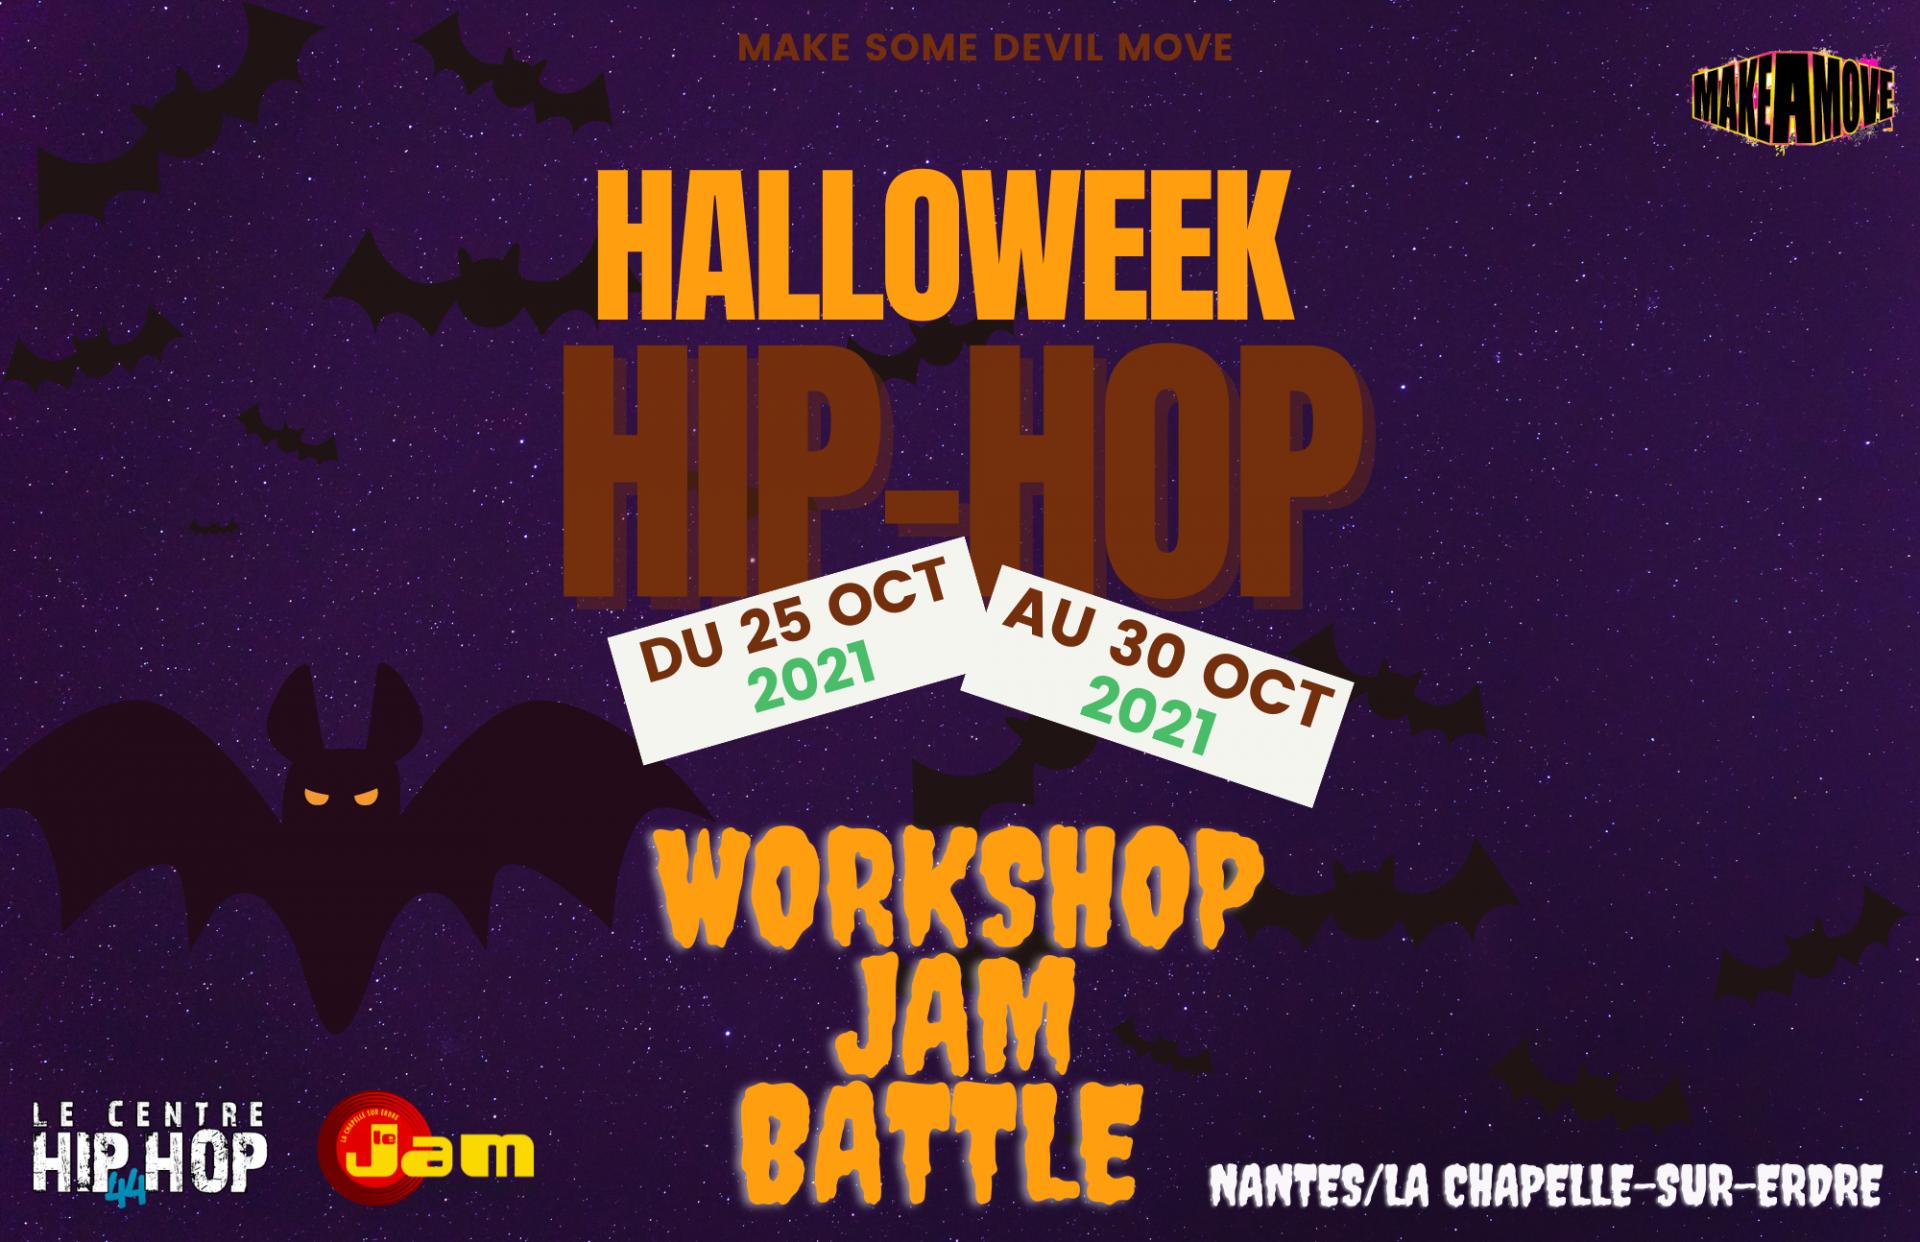 Hip Hop Haloweek